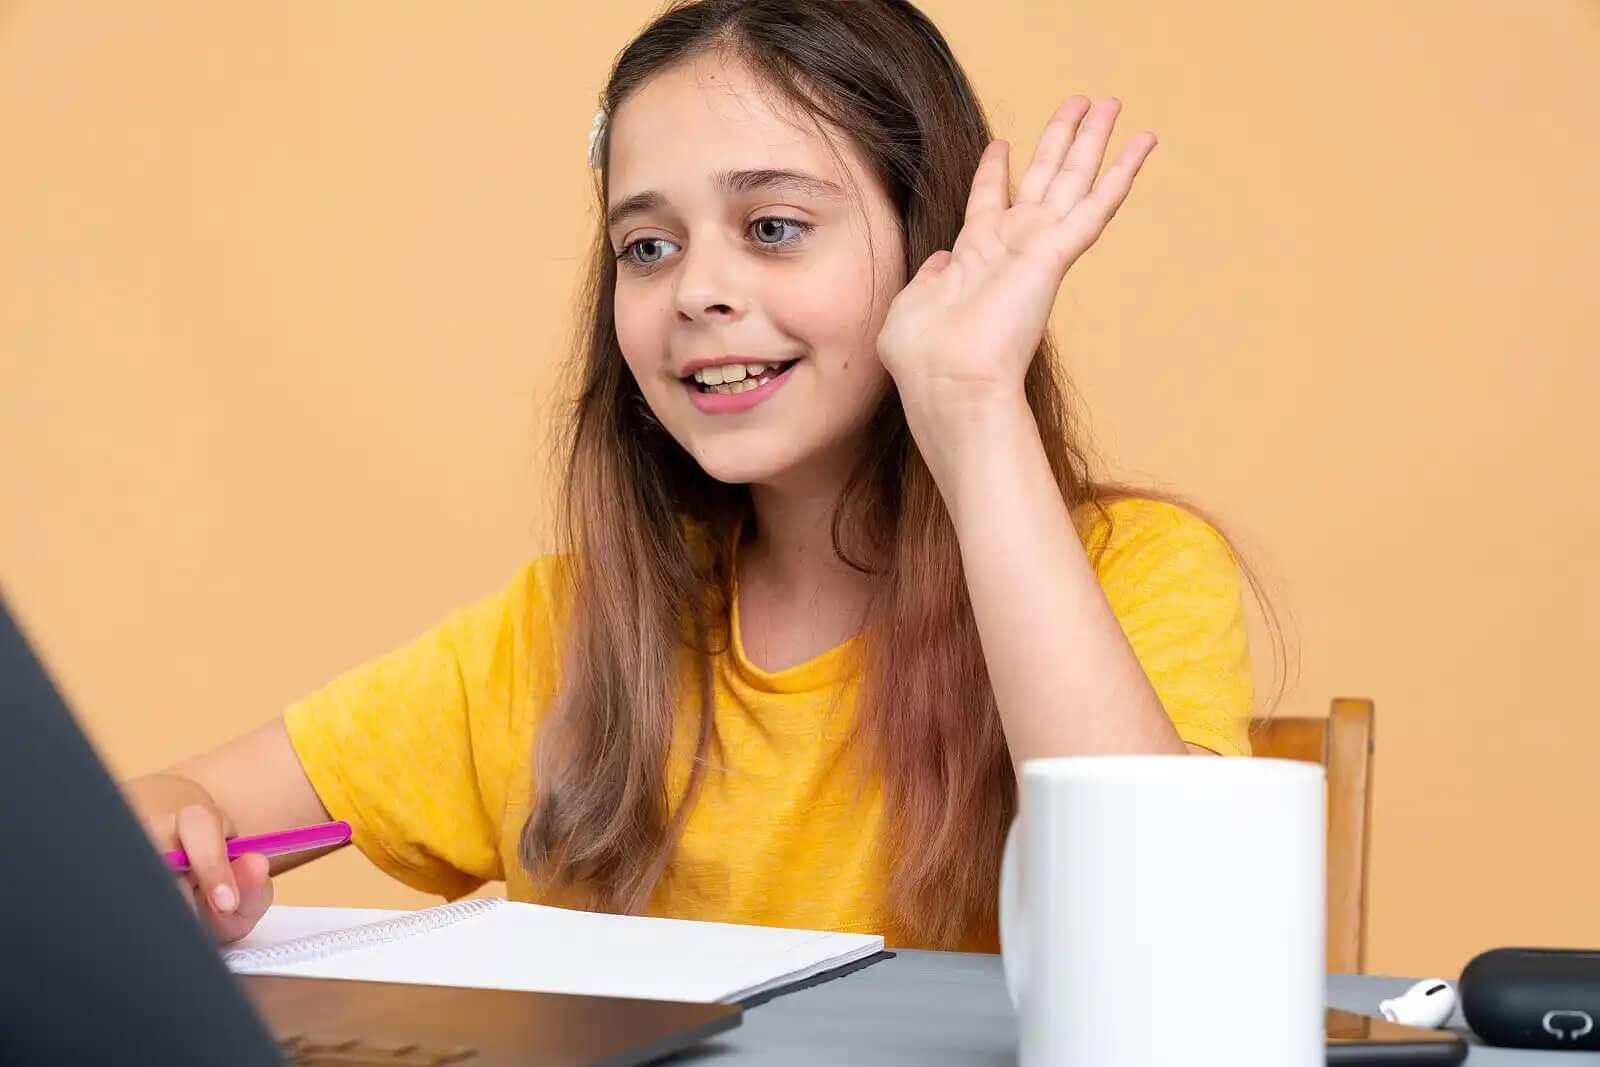 A girl online.